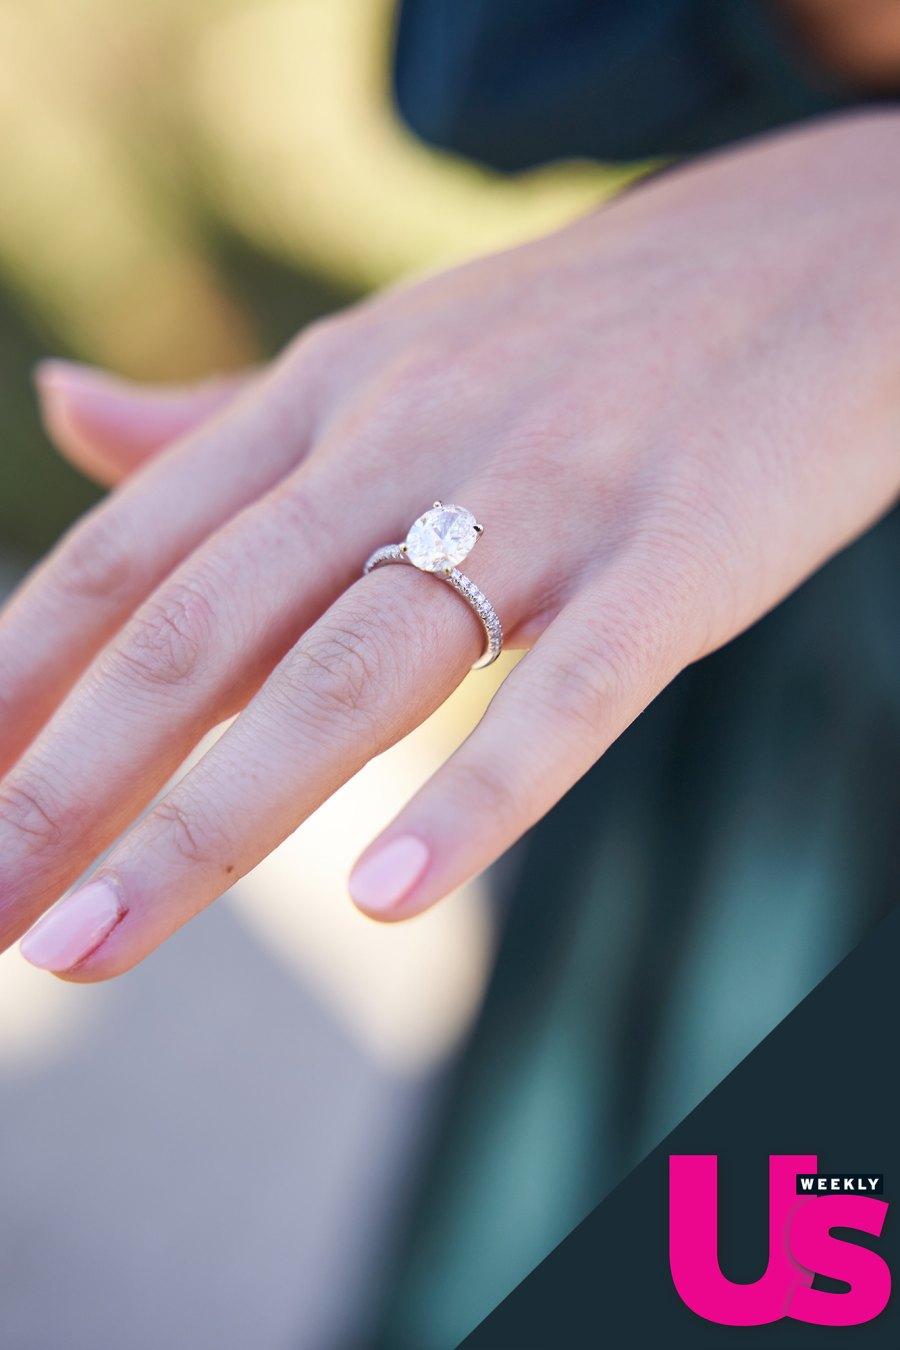 Bachelor Nation's Jordan Kimball Is Engaged to Girlfriend Christina Creedon